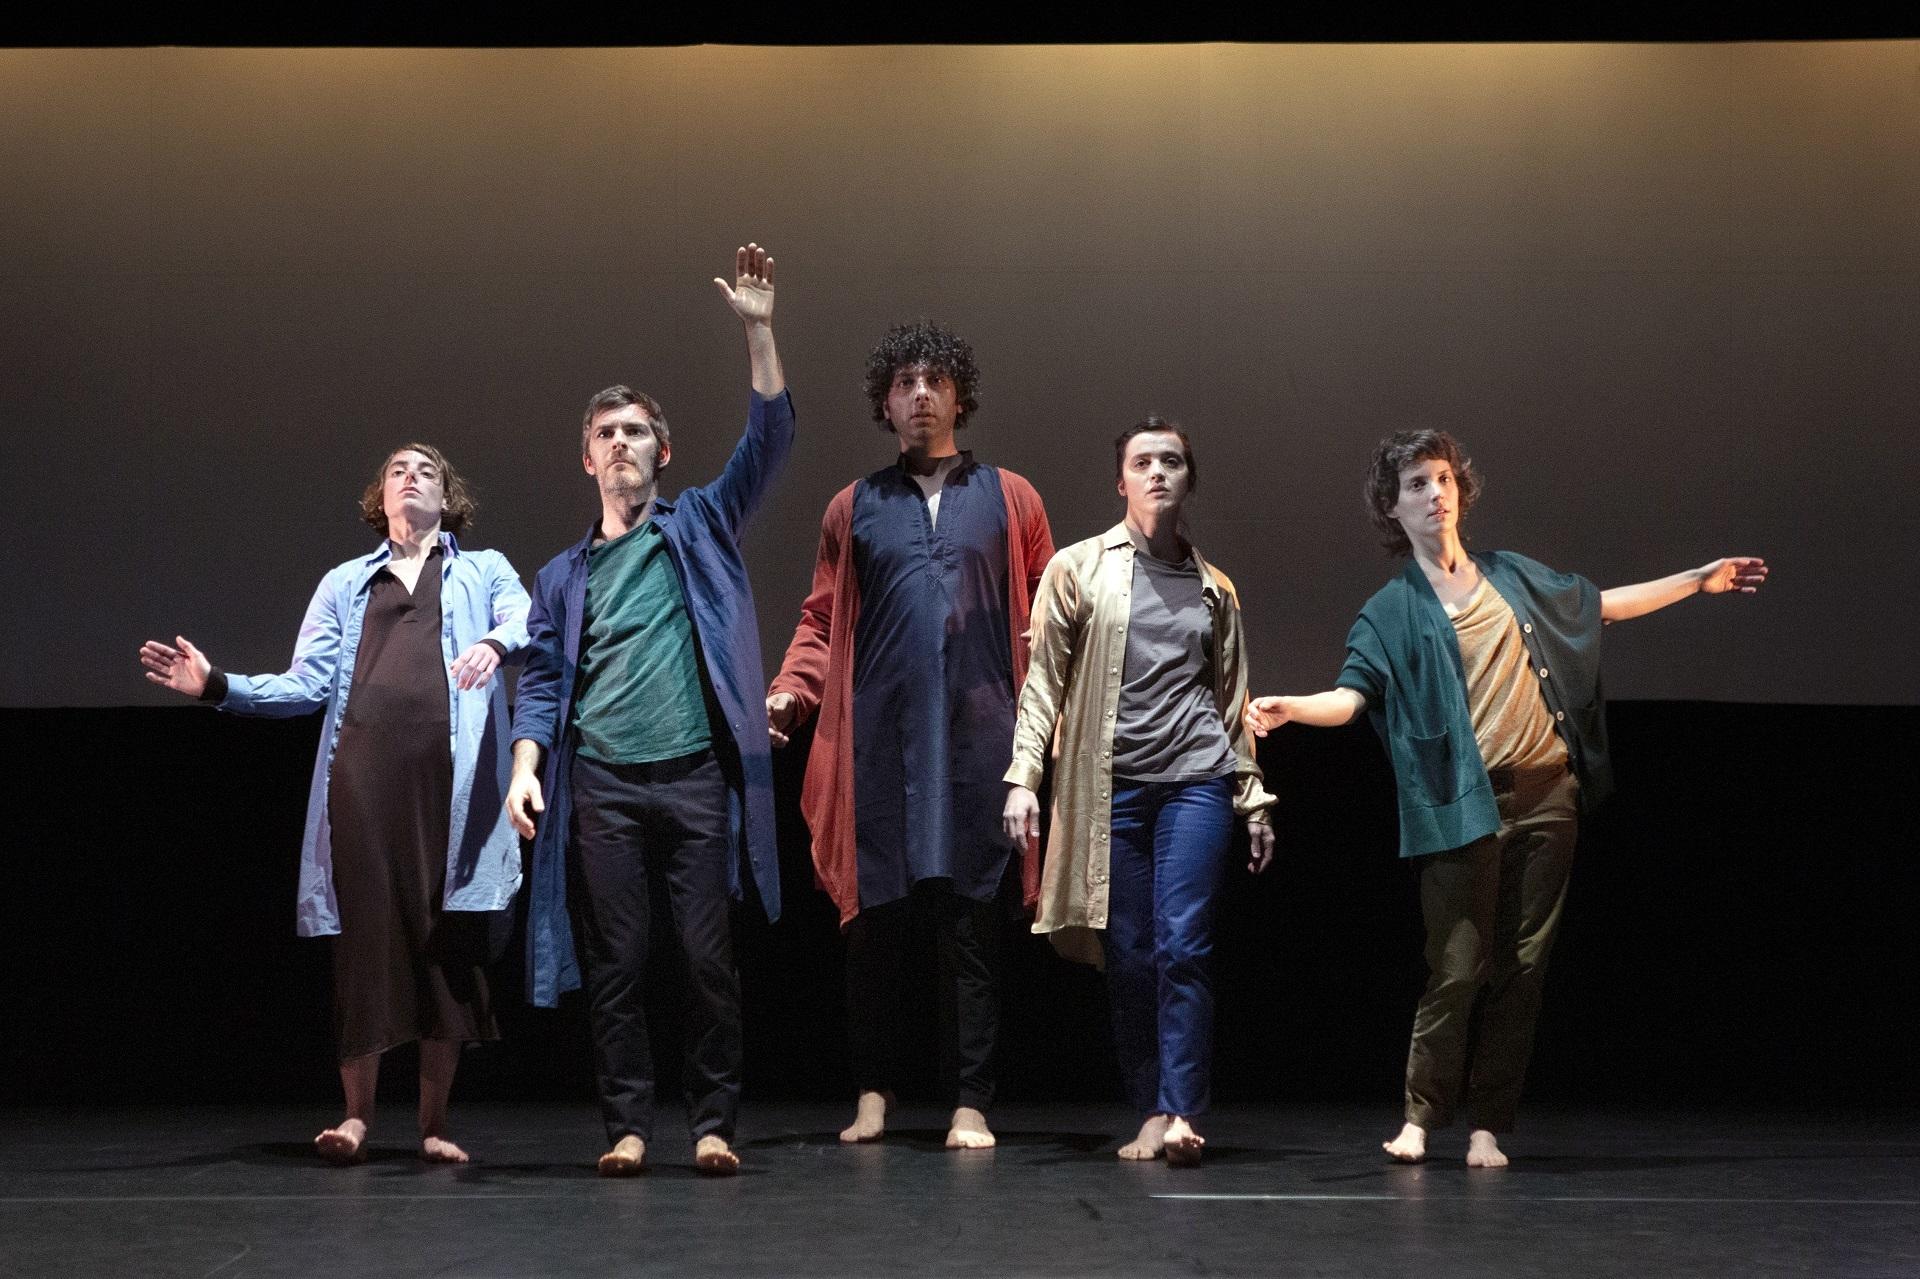 Cinq danseur soumettent leurs corps aux contrôles quotidiens dont nous faisons l'objet, tout en poursuivant leur idéal de liberté.